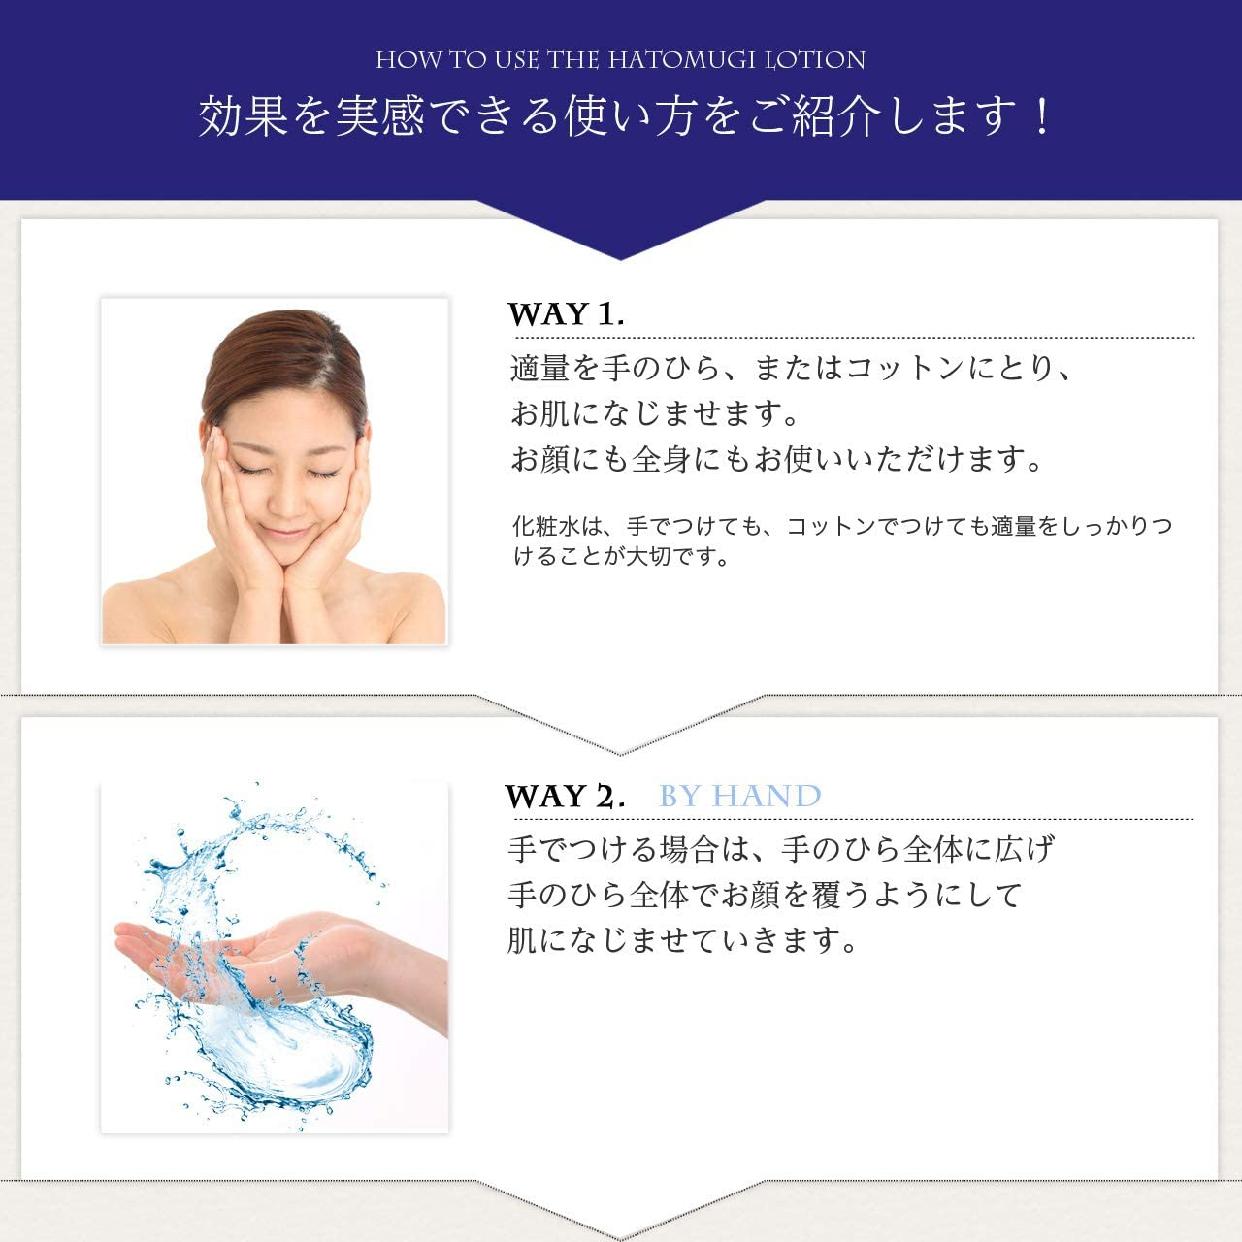 麗白 ハトムギ化粧水の商品画像8